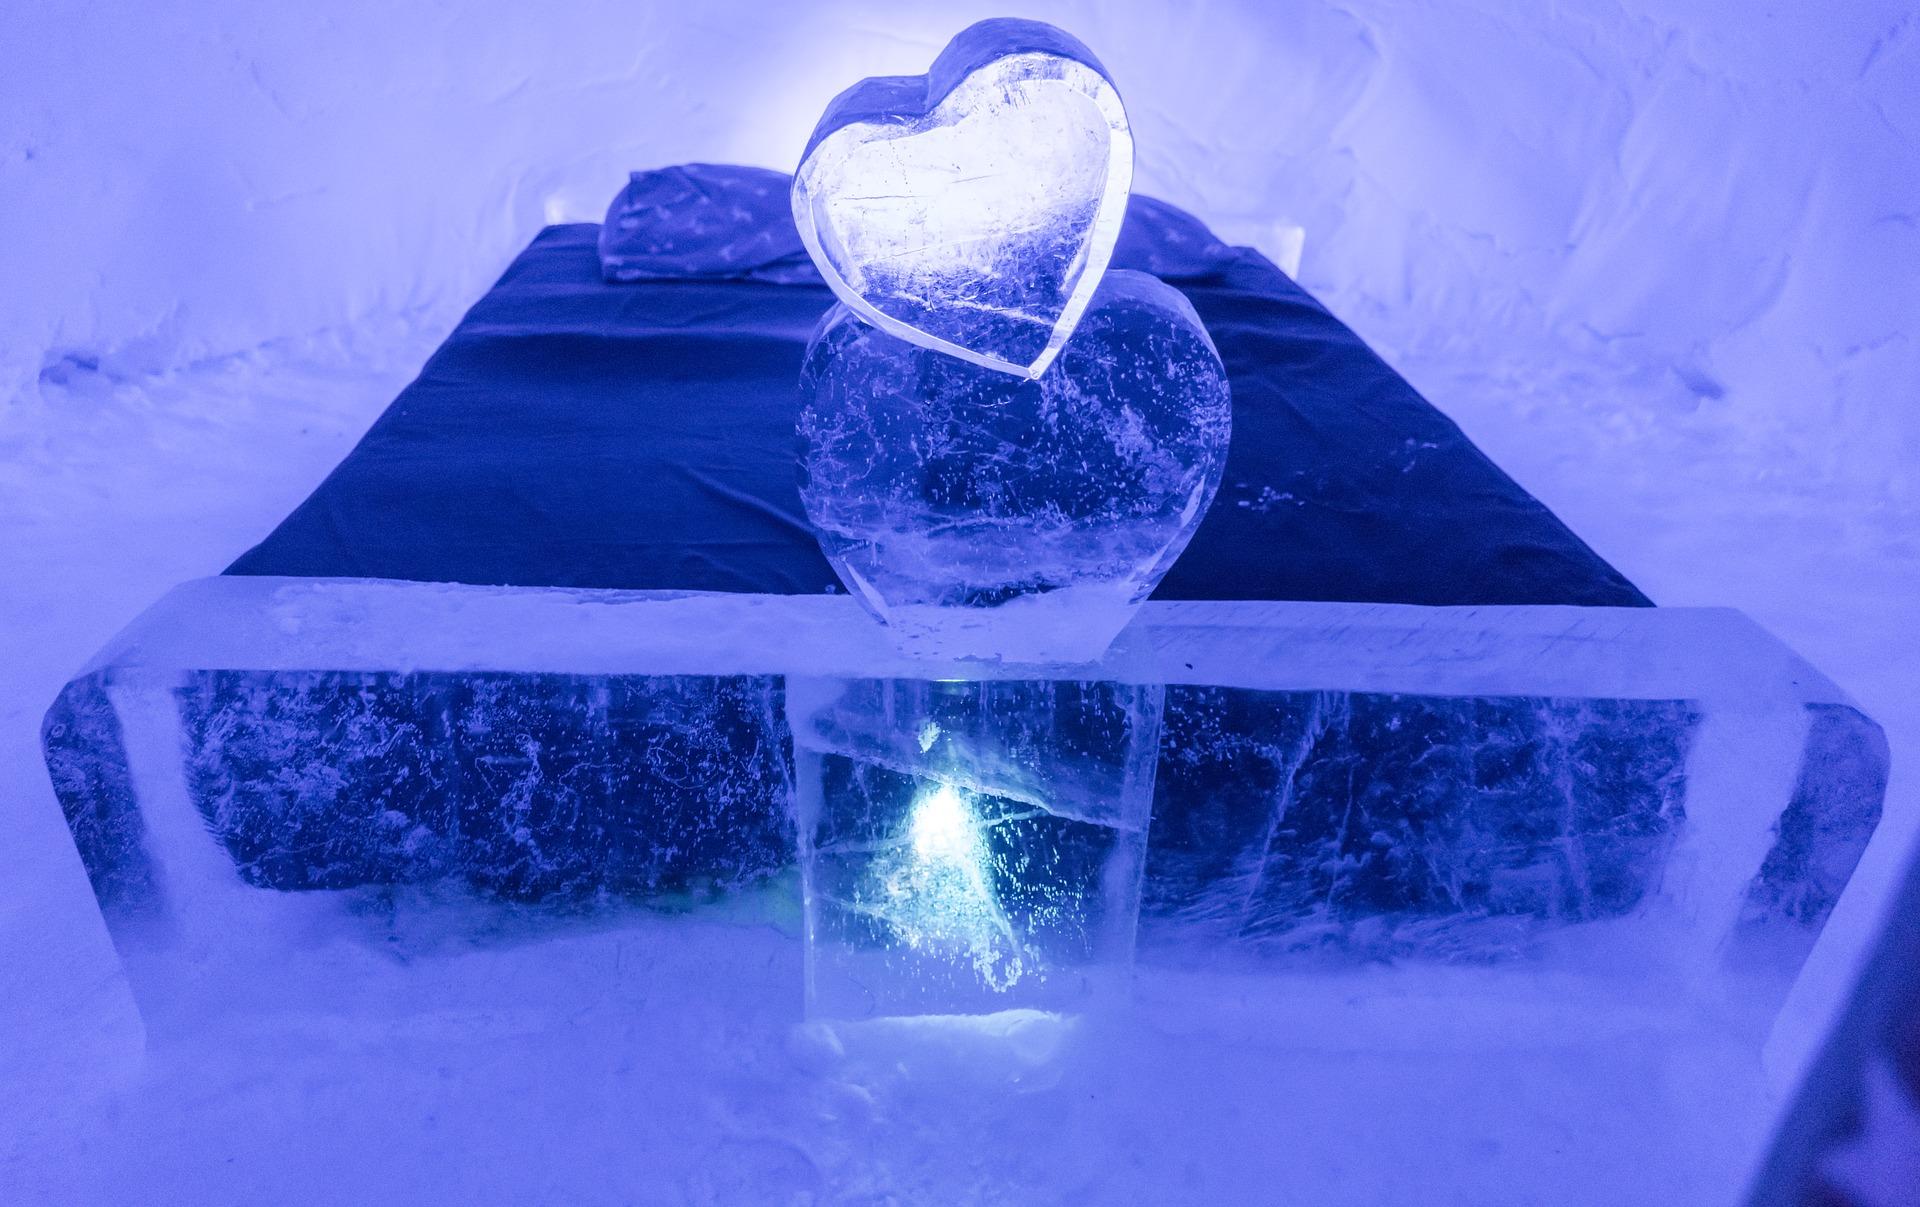 Albergo di ghiaccio Svezia prezzi